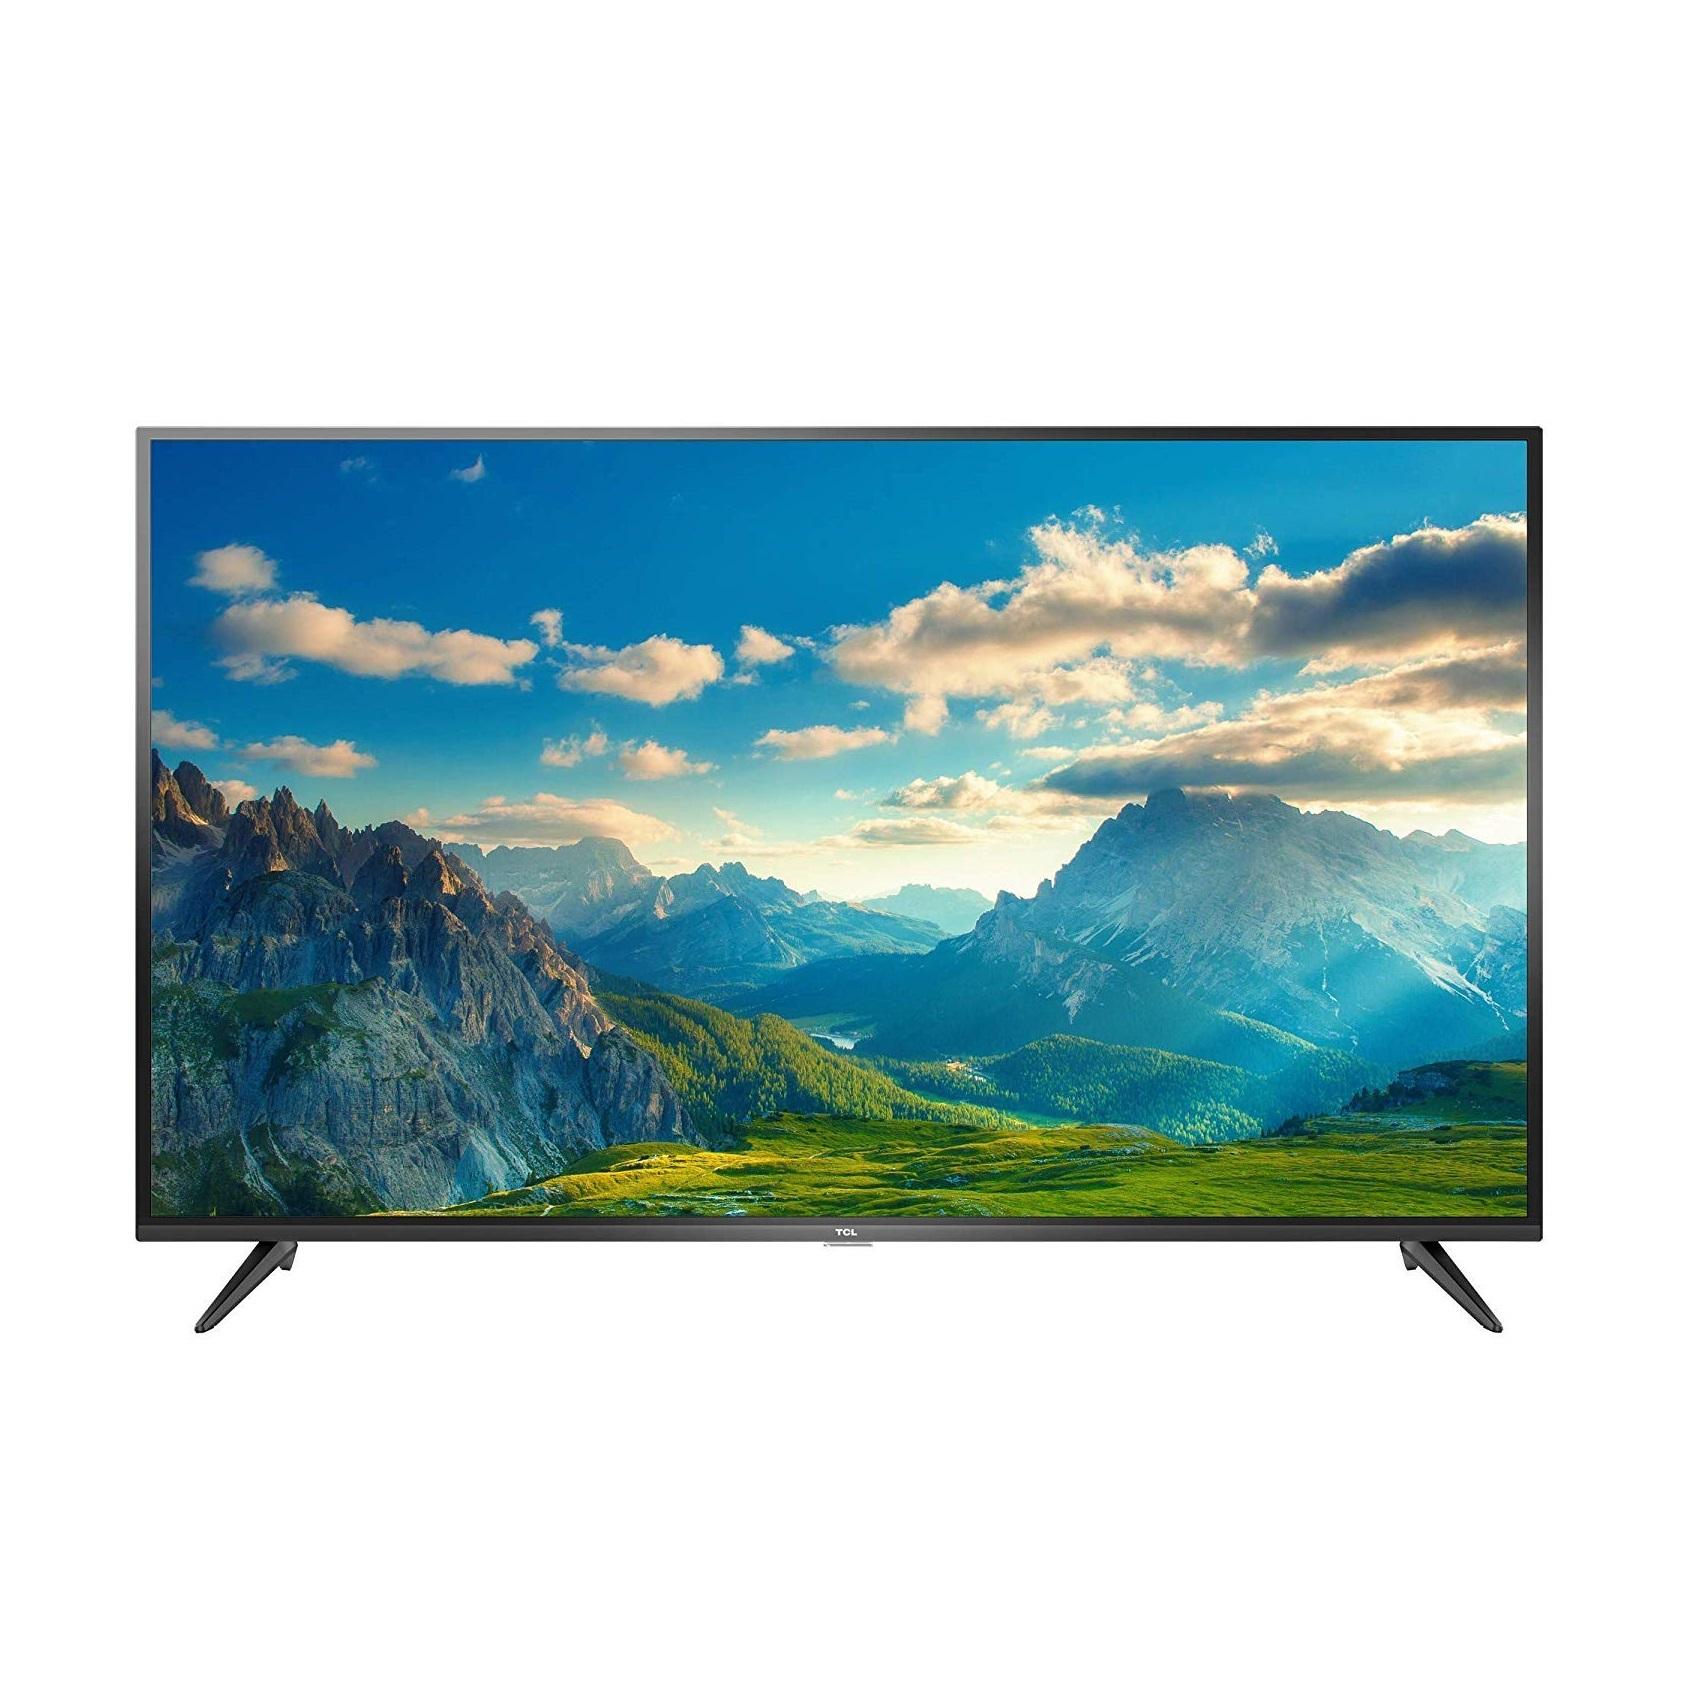 فروش اقساطی تلویزیون ال ای دی تی سی ال مدل 50P65US سایز 50 اینچ